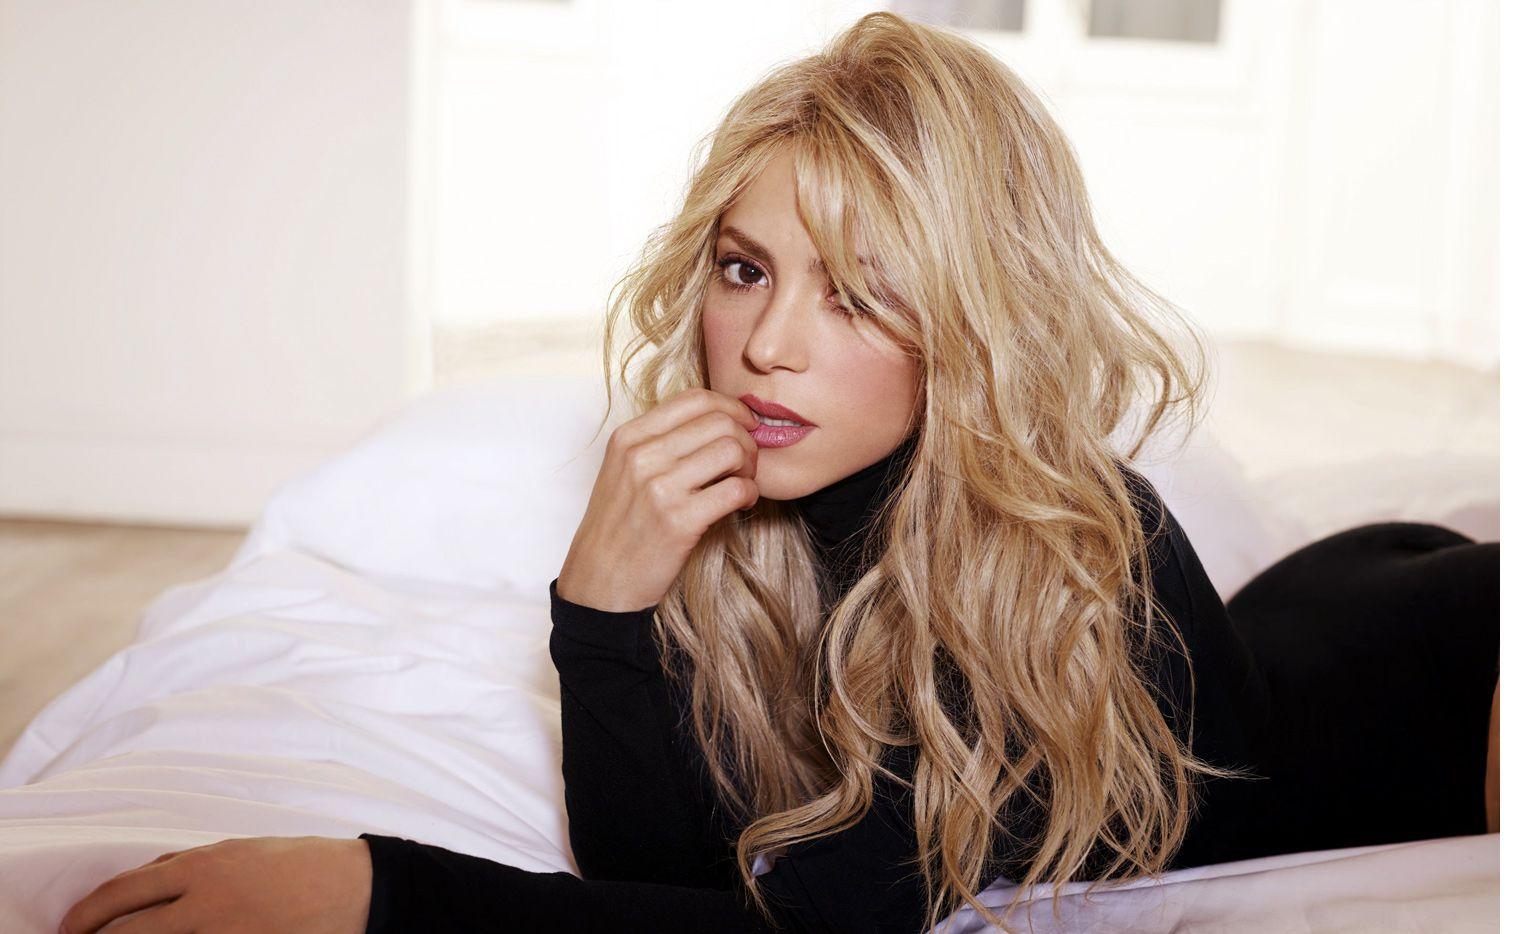 La cantante Shakira se presentará en Dallas el 28 de enero de 2018. Foto AGENCIA REFORMA